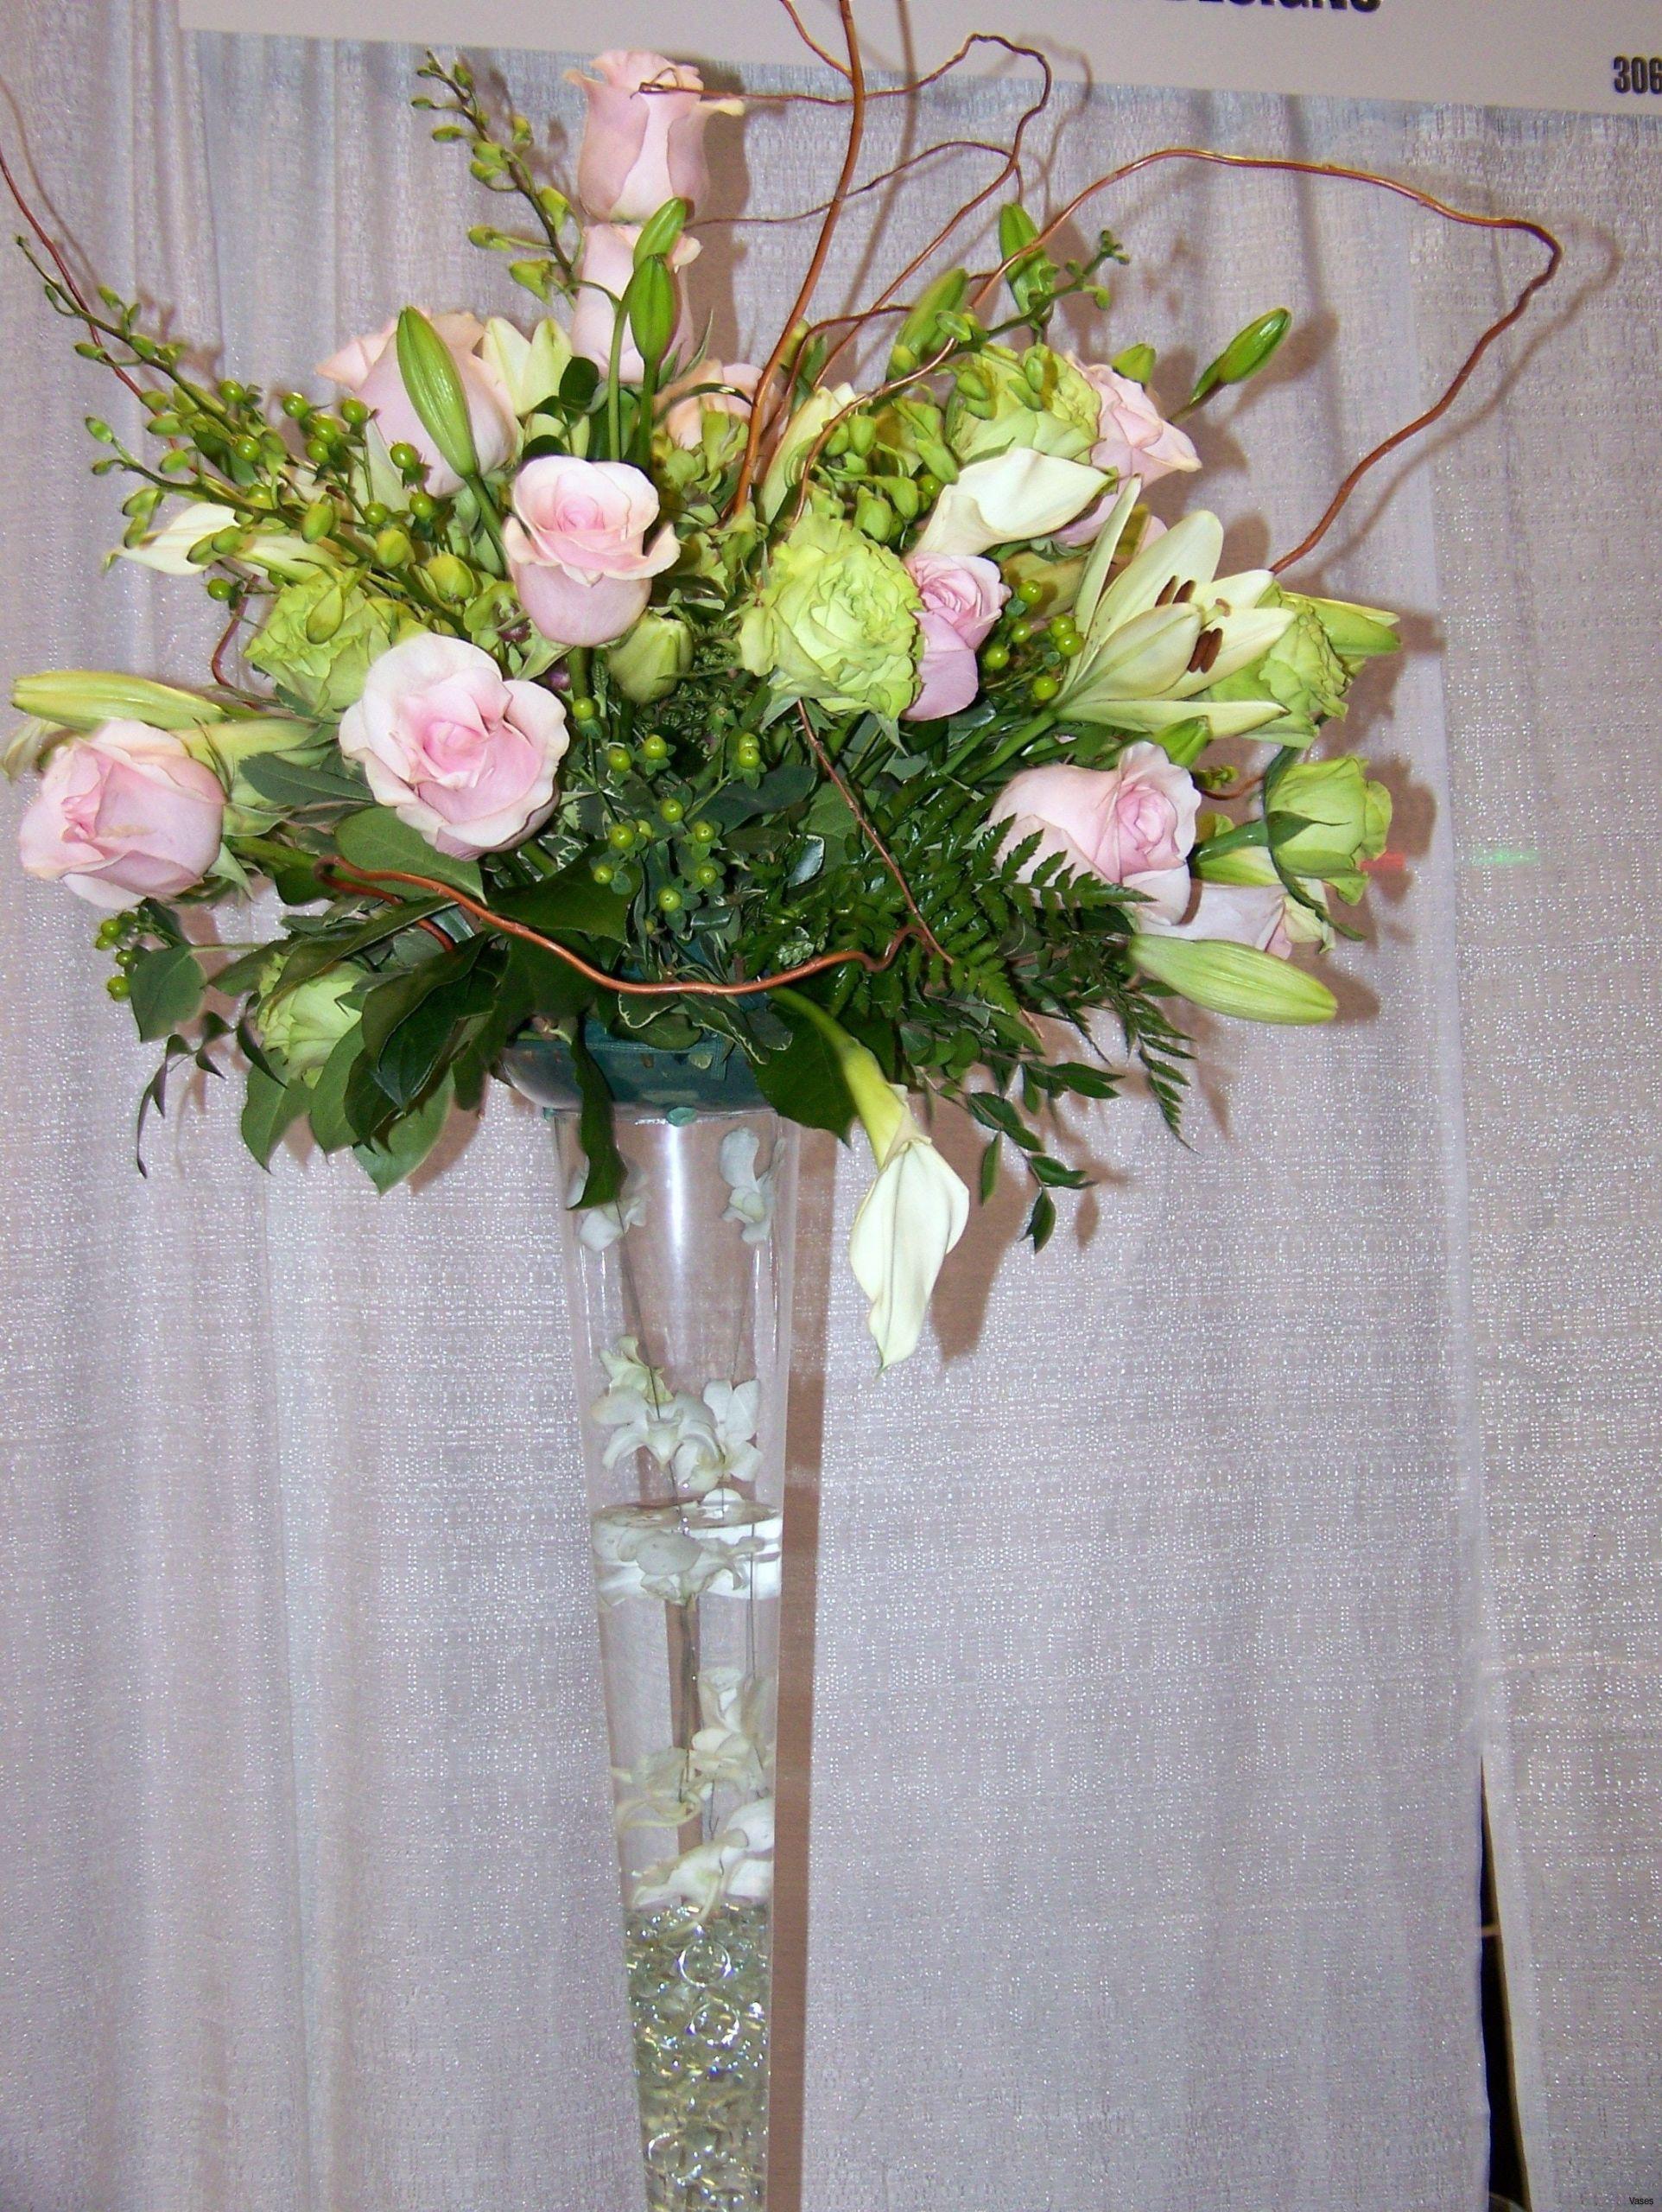 Idee Garten Best Of 17 Trendy Vase Painting Ideas